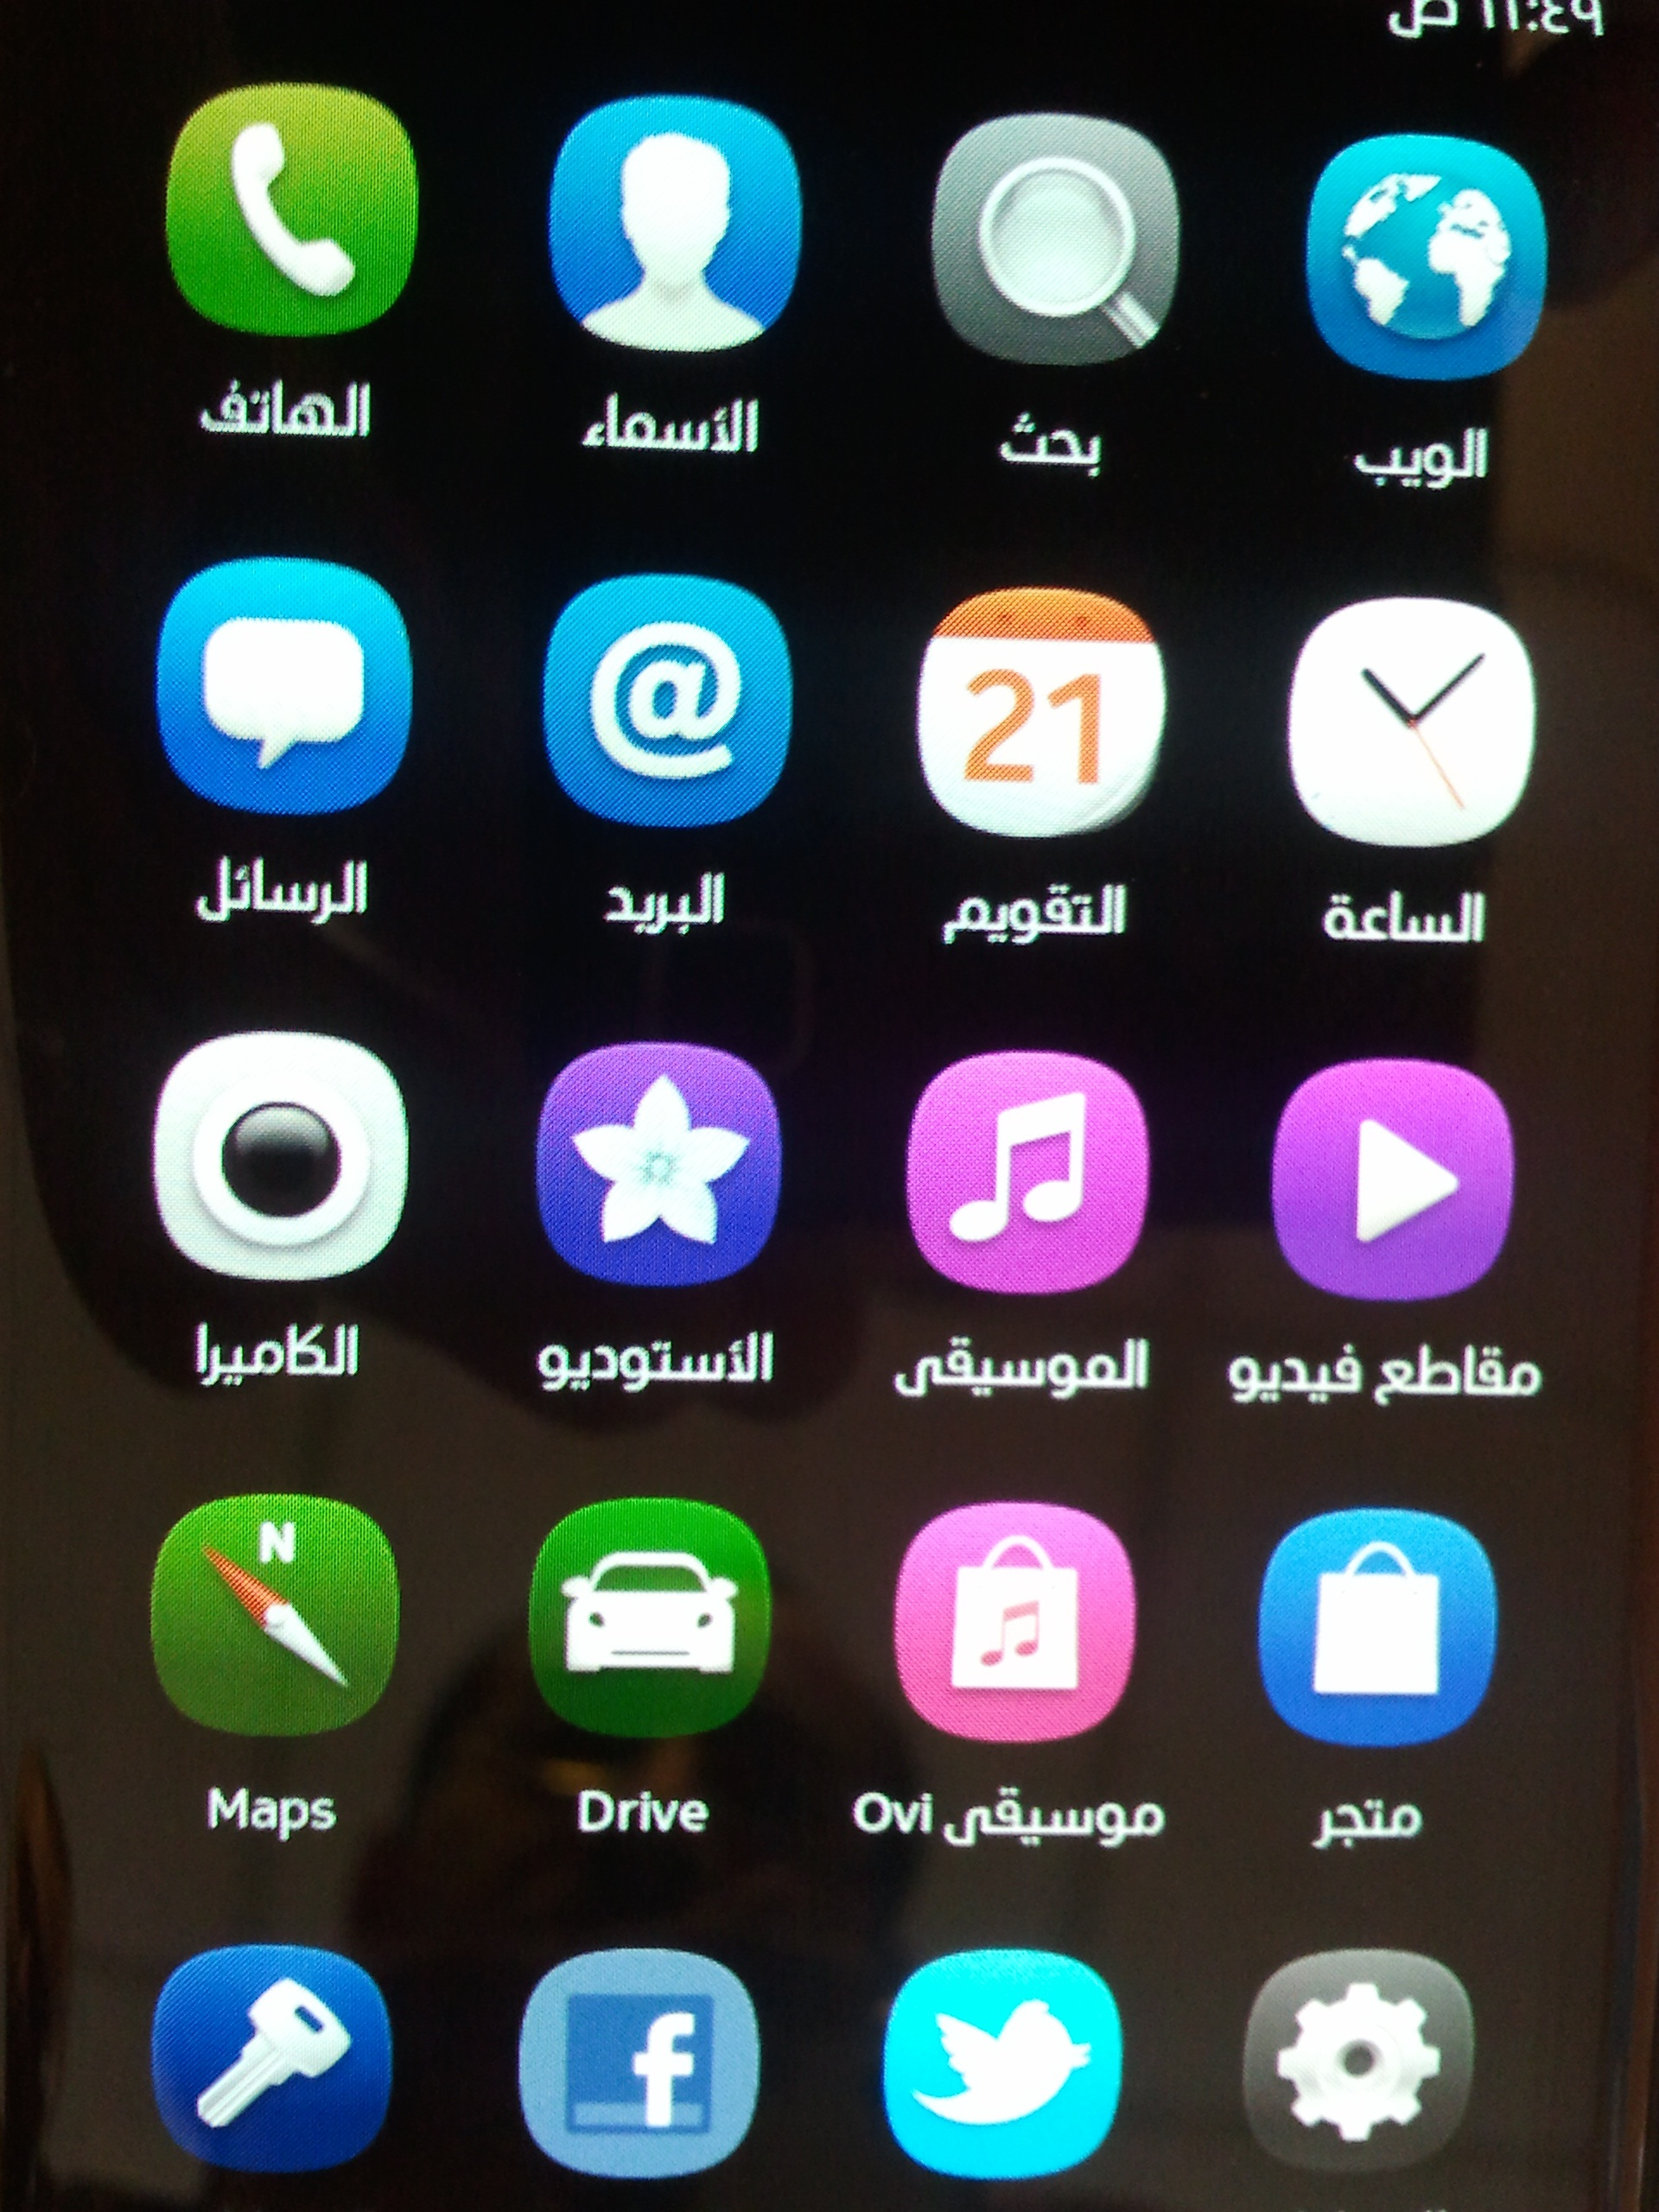 تعريب النوكيا N9 مع صور لتعريب وللجهاز